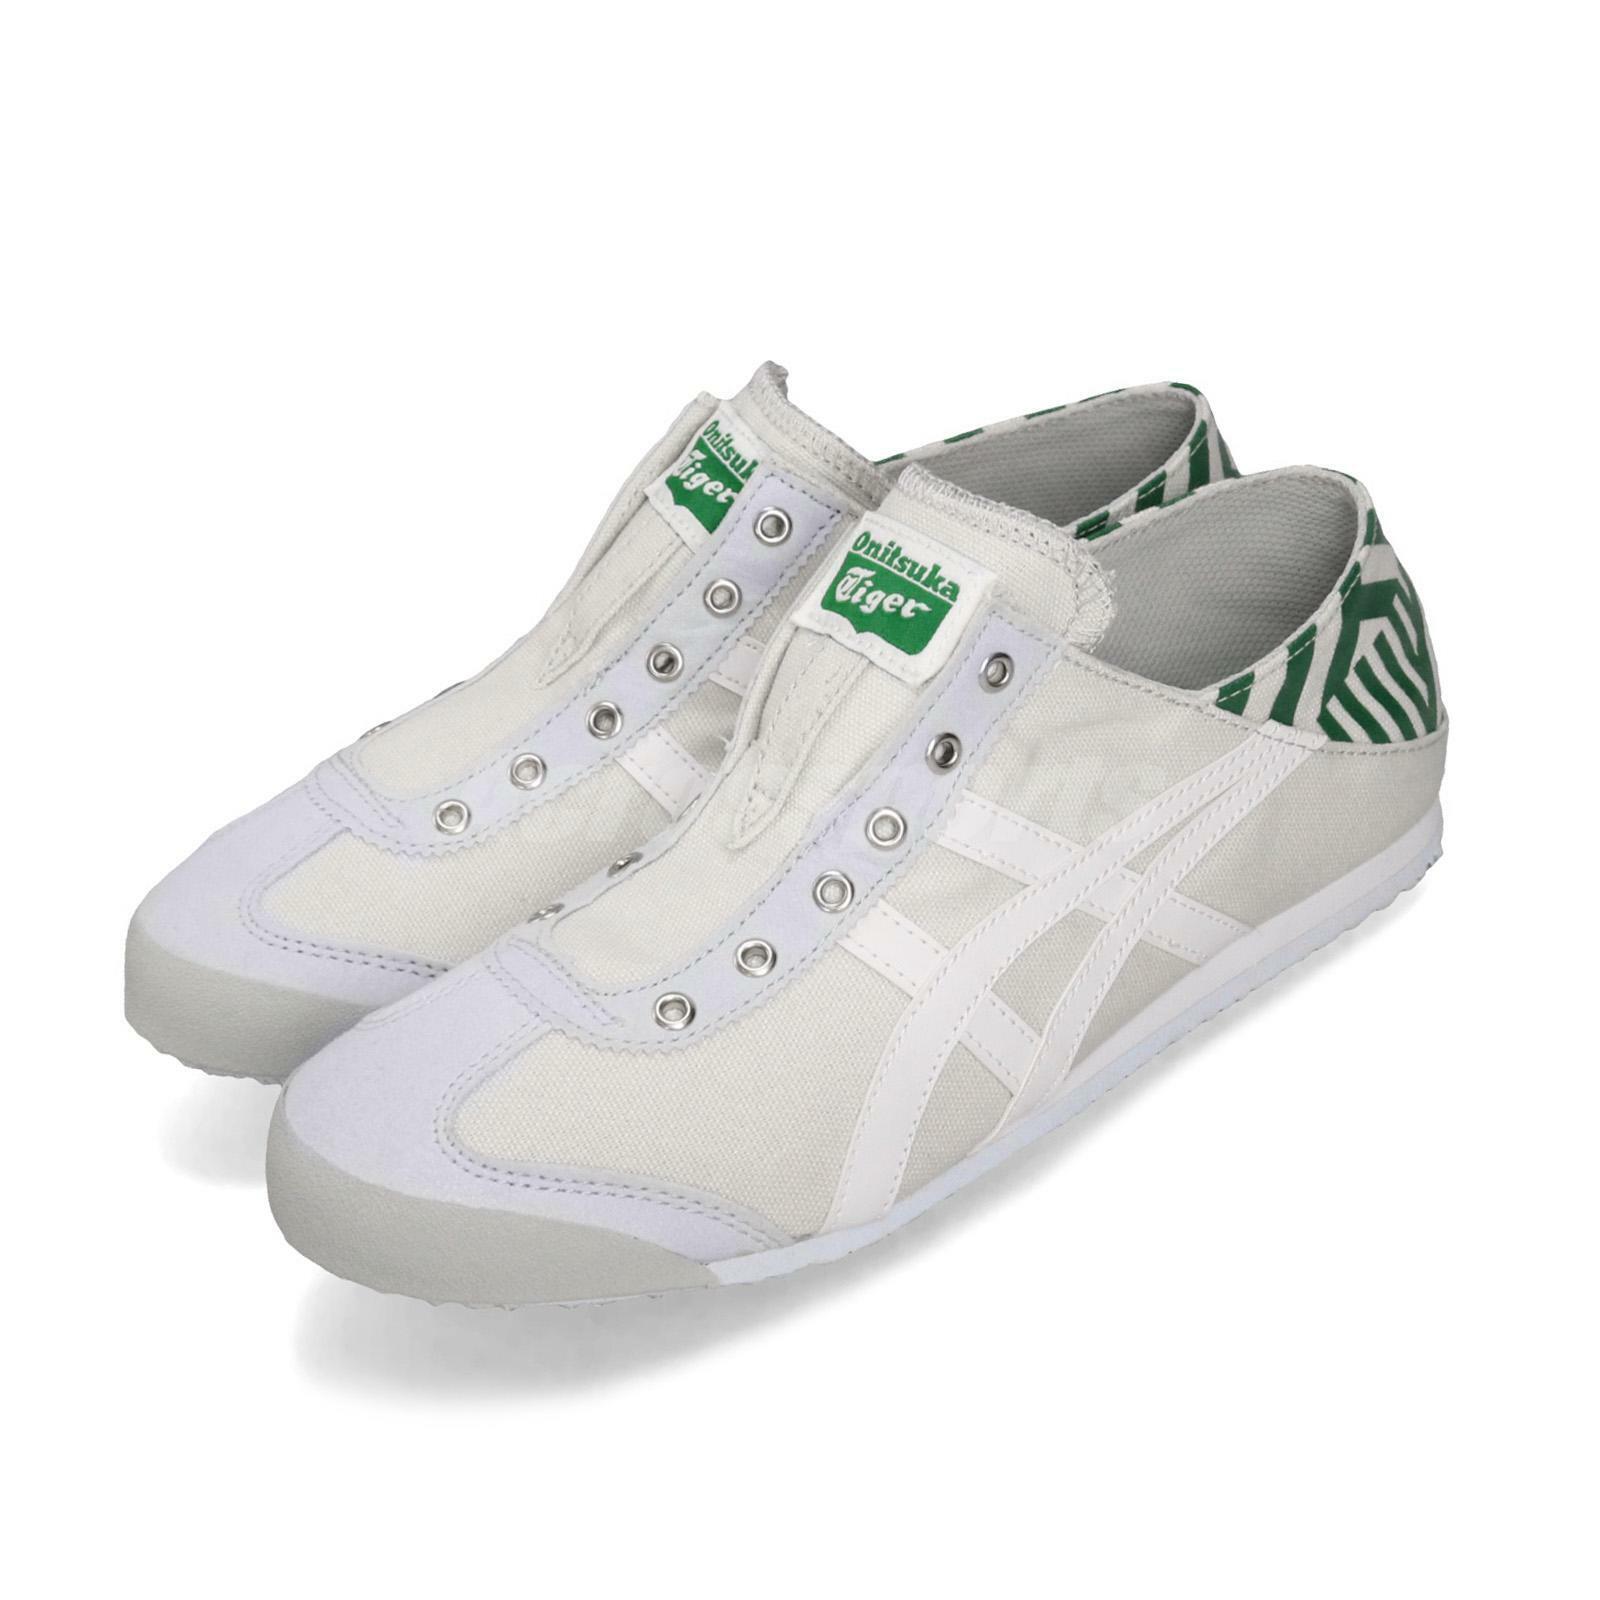 Asics Onitsuka Tiger Mexico 66 Paraty gris blanco verde Men zapatos D342N-9601